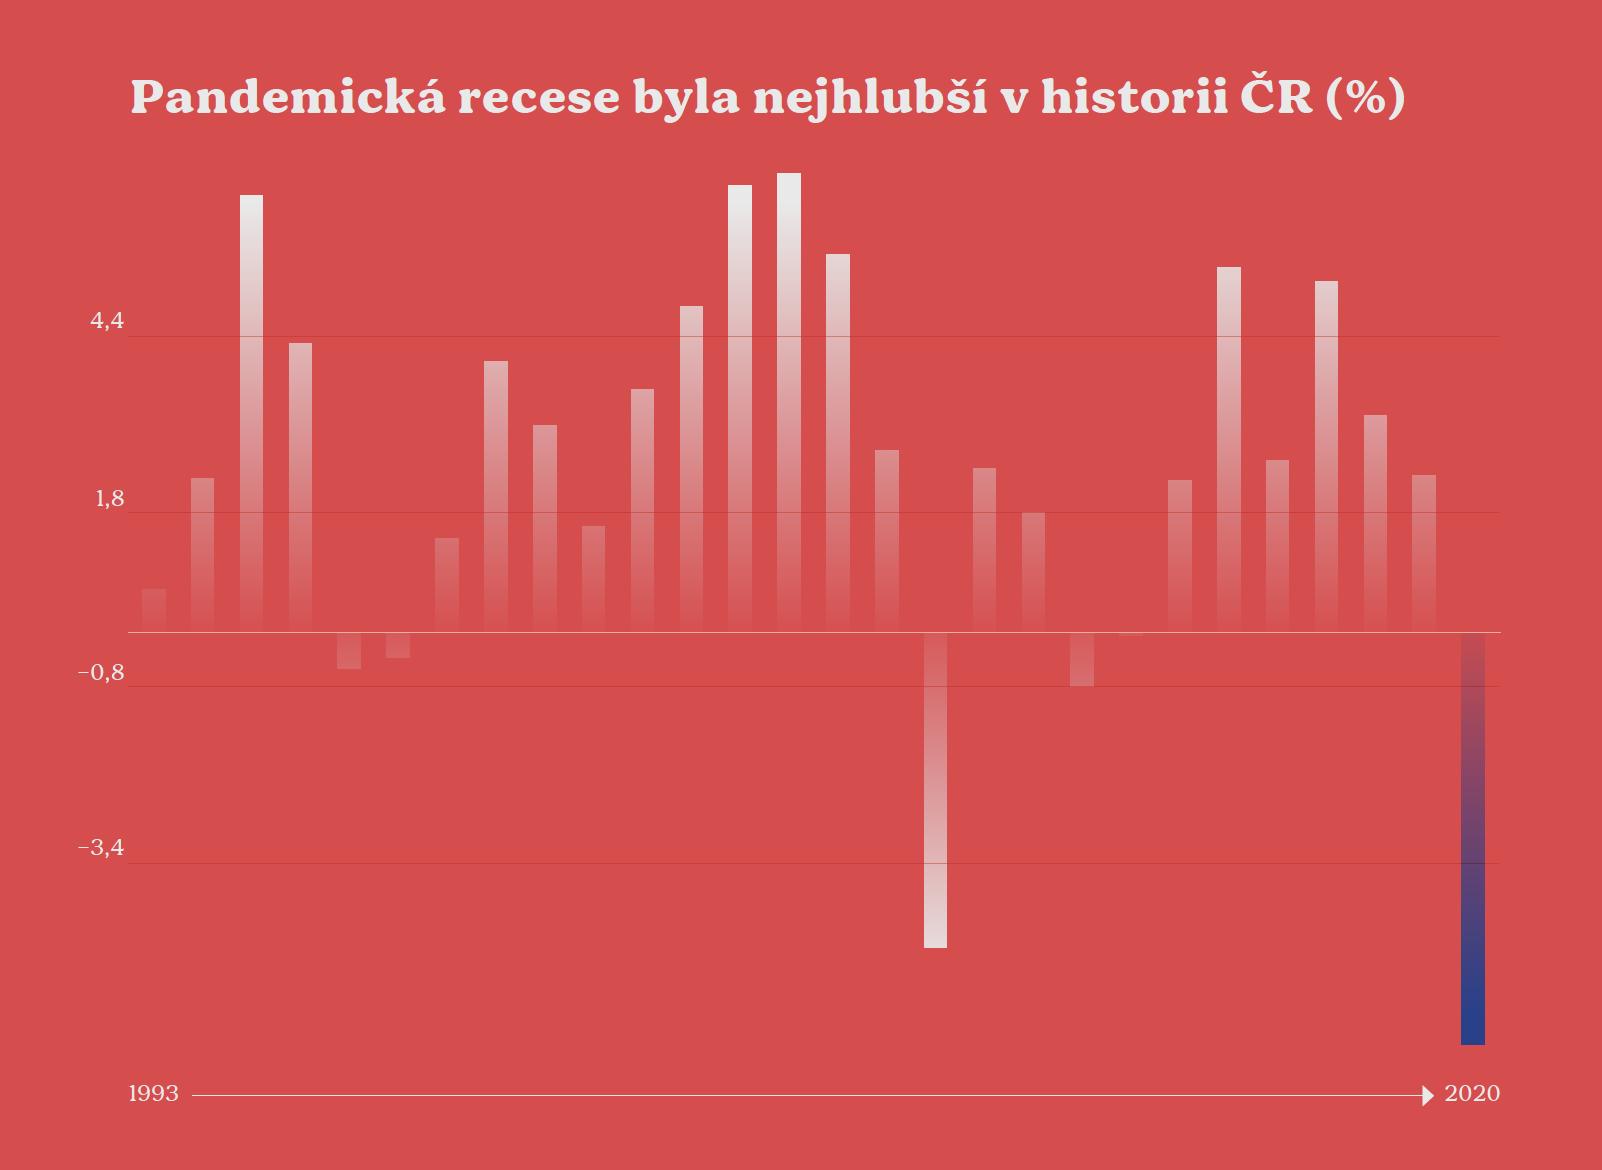 Pandemická recese